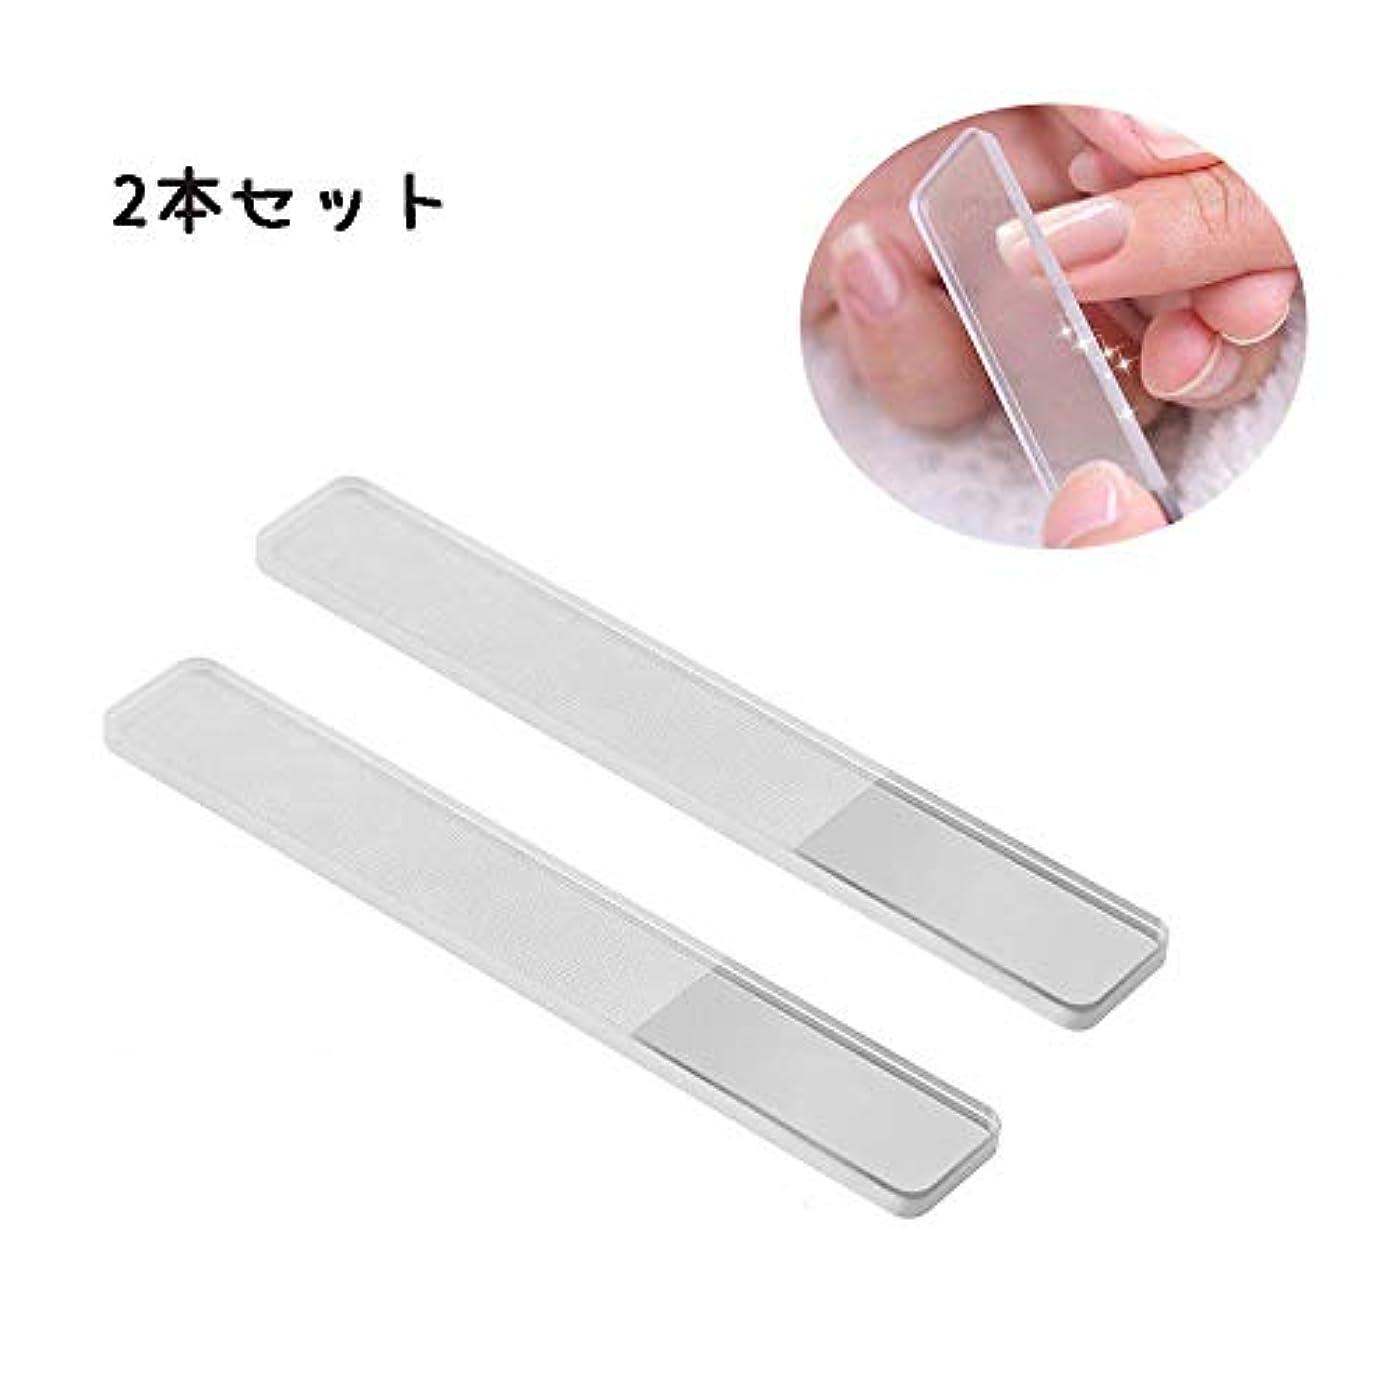 メディアミリメートル一般爪やすり ガラス 爪磨き ガラス製 ネイルシャイナー ピカピカ ネイルケア ナノ技術が生んだ全く新しい 甘皮処理 携帯便利 収納ケース付き 2本 セット (2pcs)